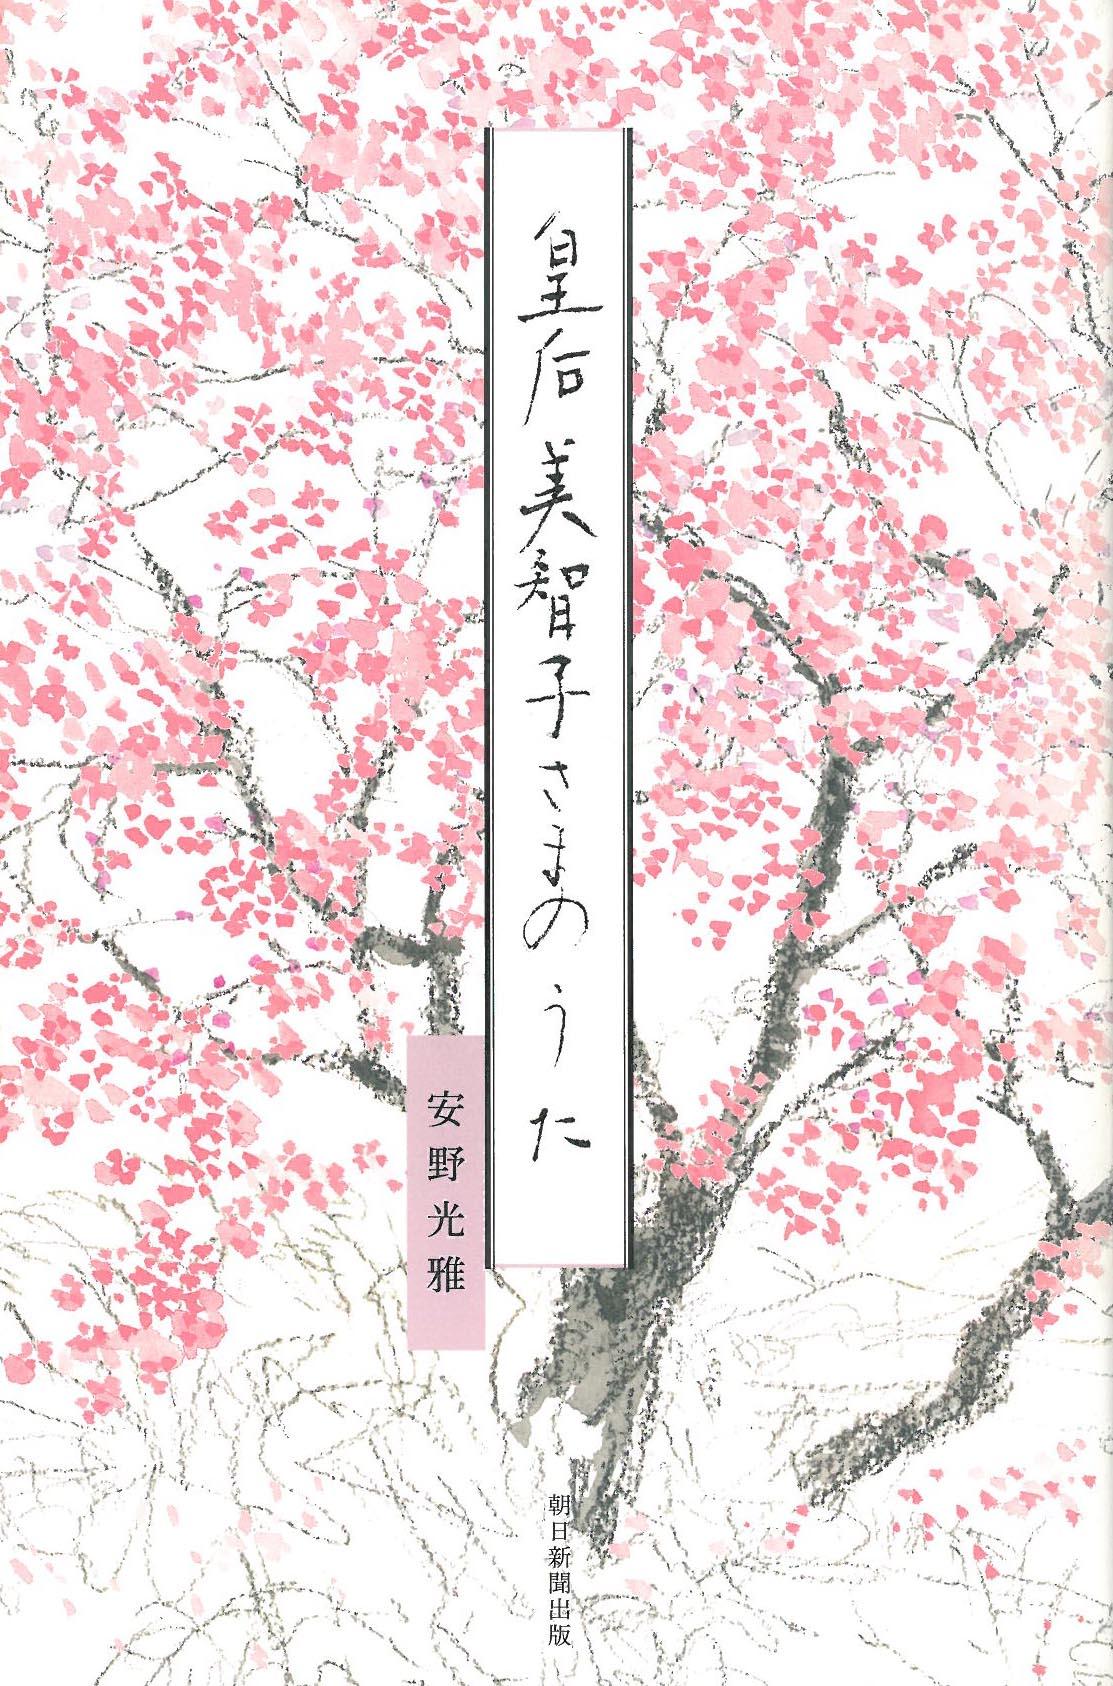 皇后美智子さまのうた